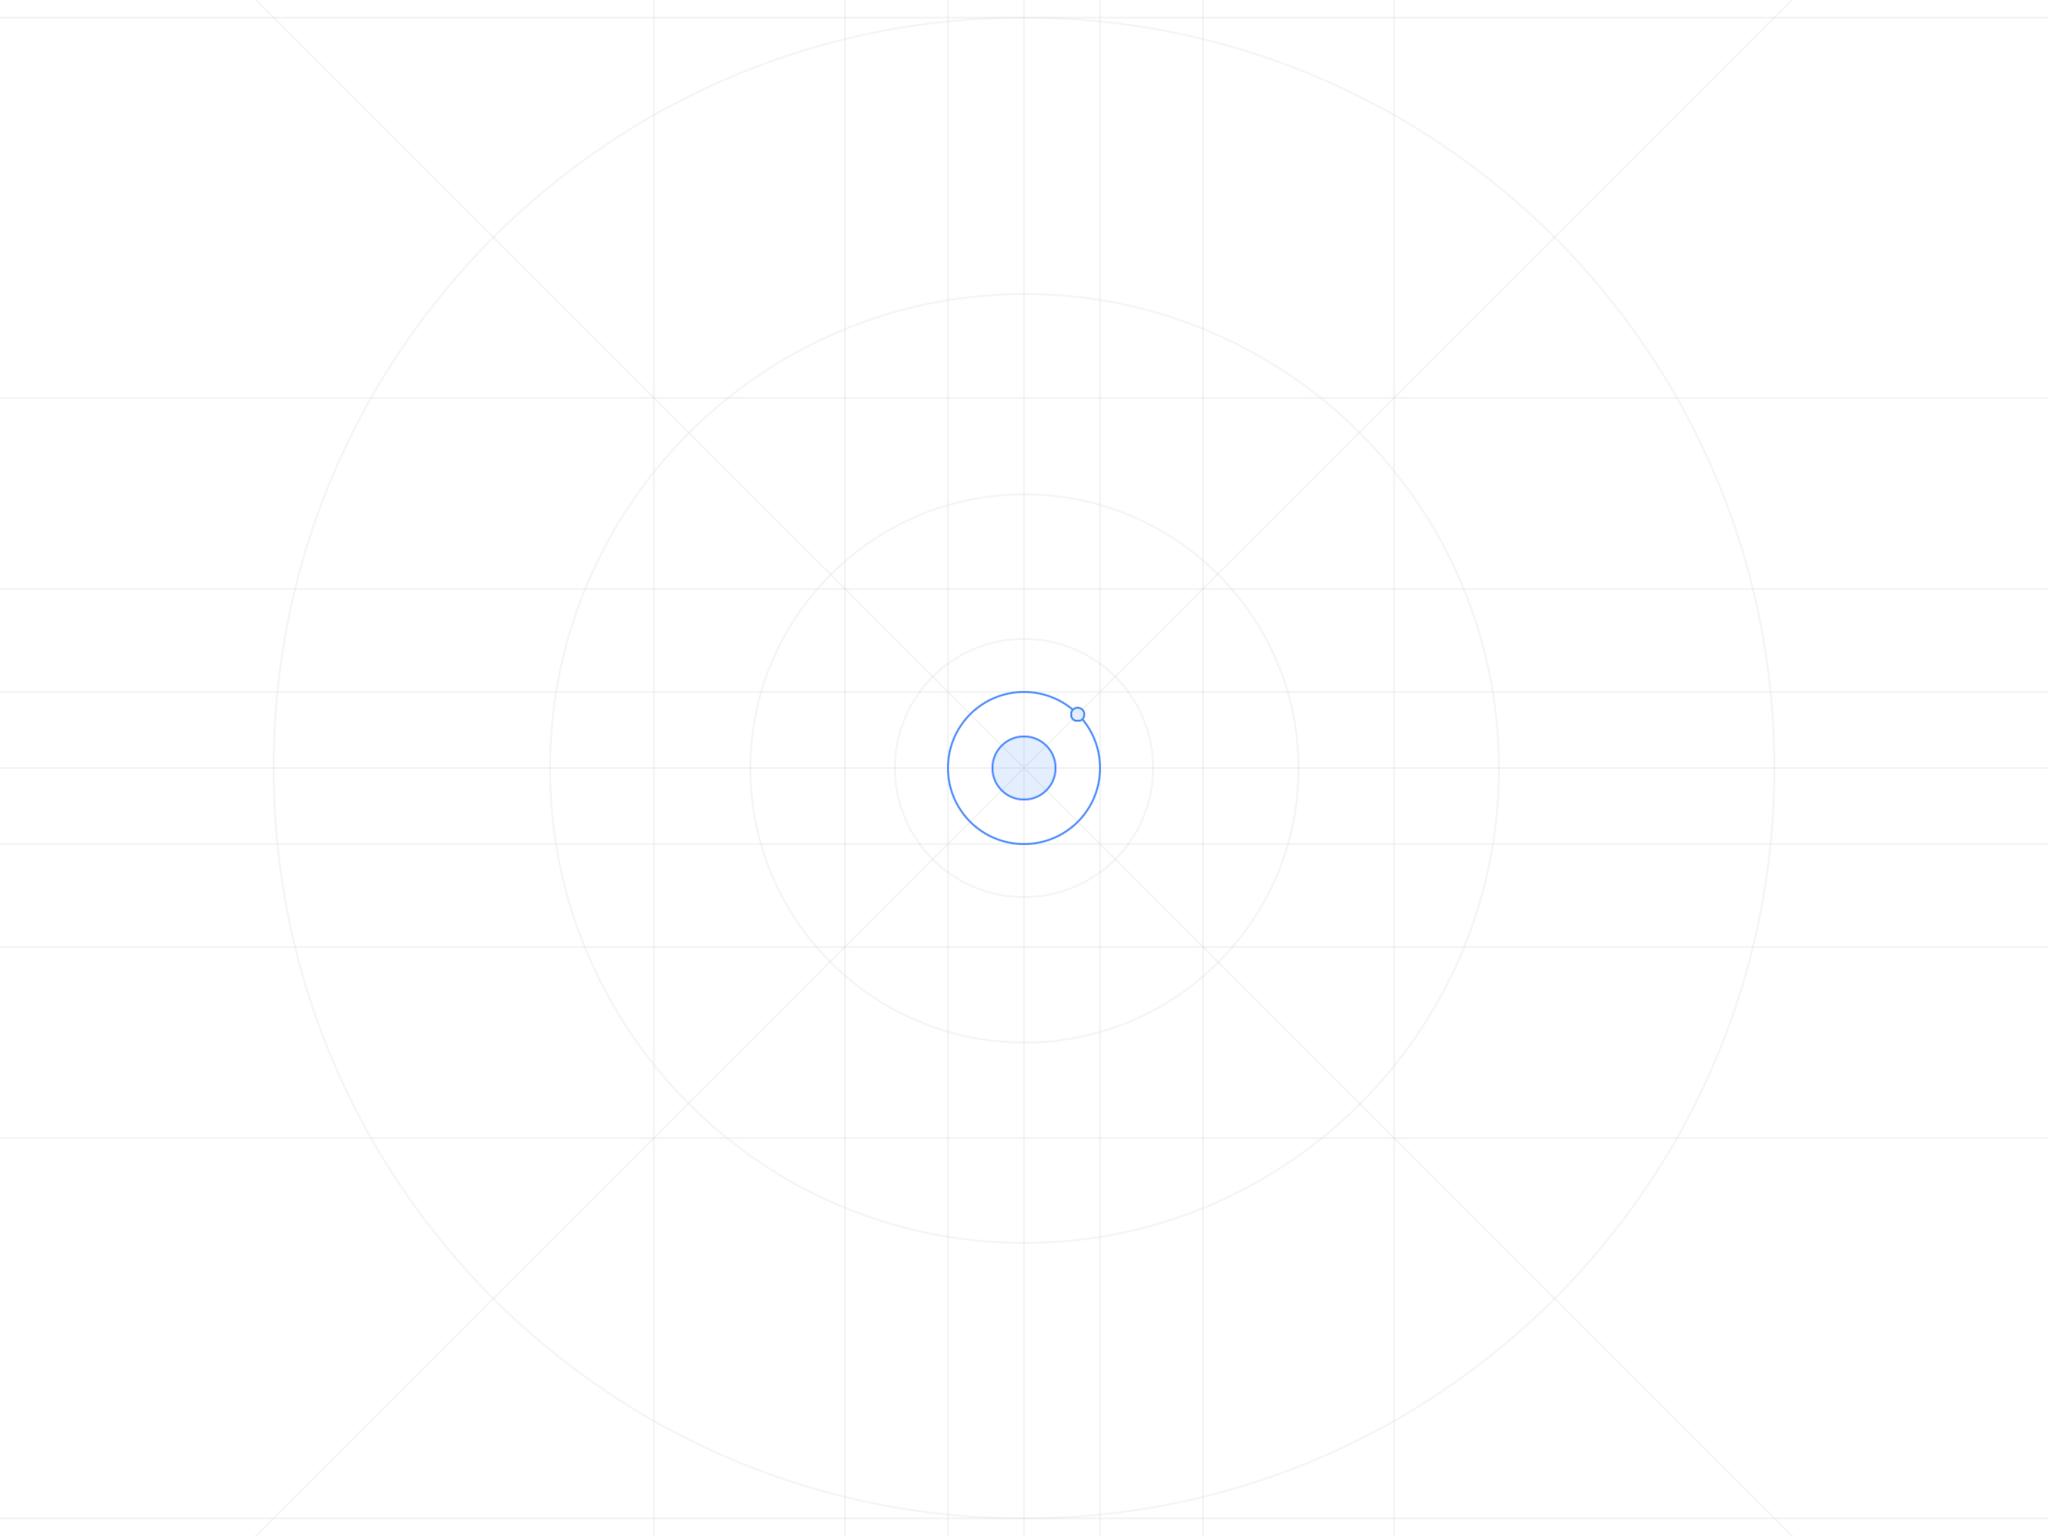 resources/ios/splash/Default-Landscape@2x~ipad.png